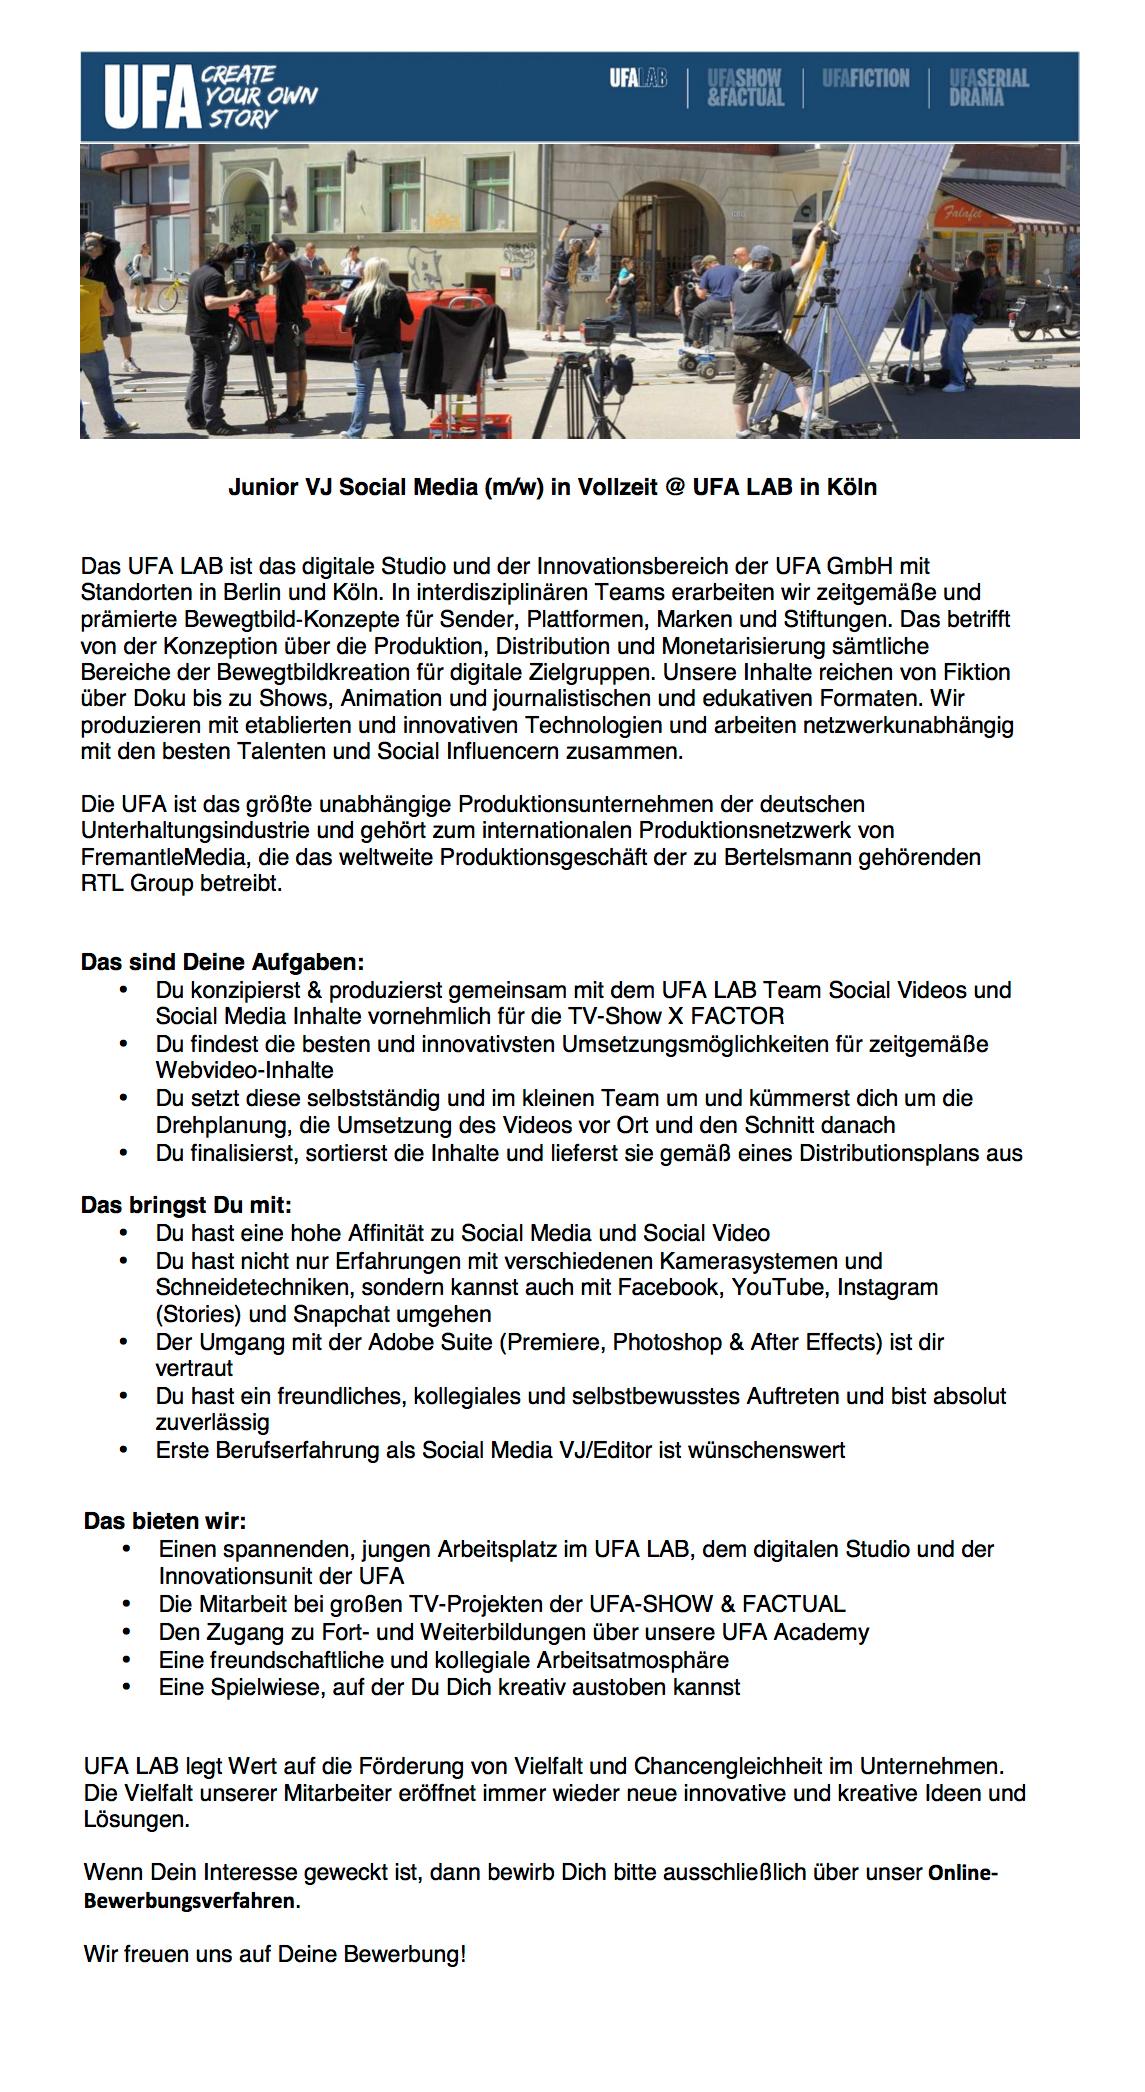 Gemütlich Lebenslauf Ohne Berufserfahrung Ausfüllen Galerie - Entry ...